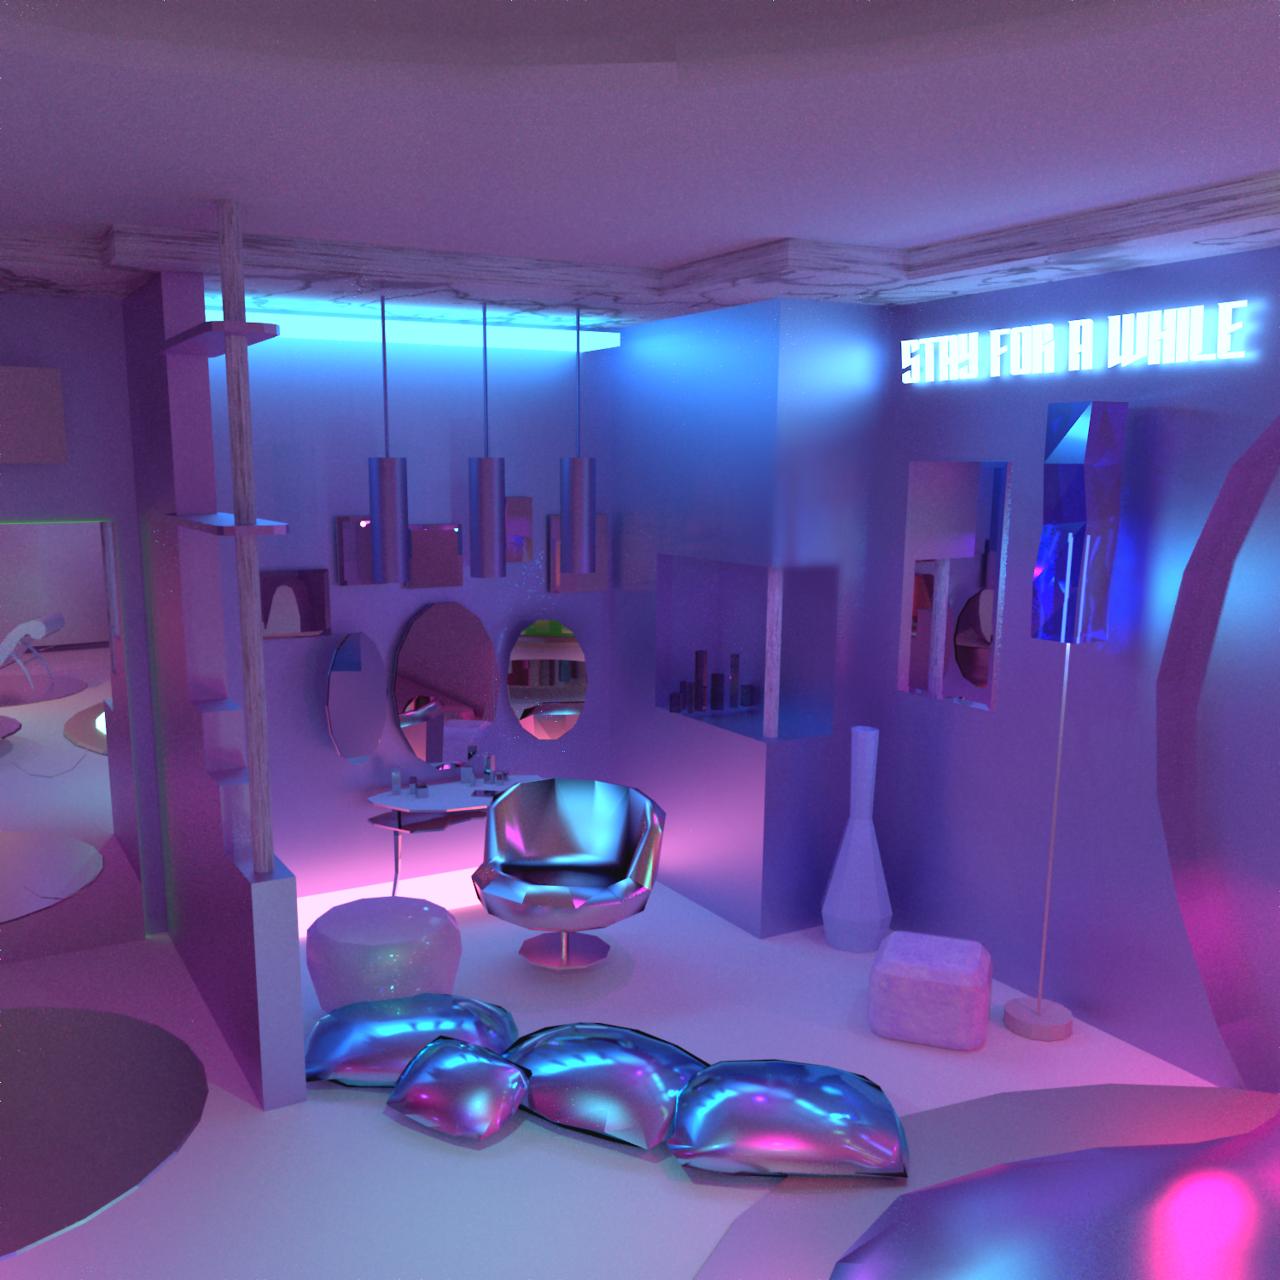 Neon Bedrooms For Teenage Girls: Room Decor, Bedroom Decor, Neon Room